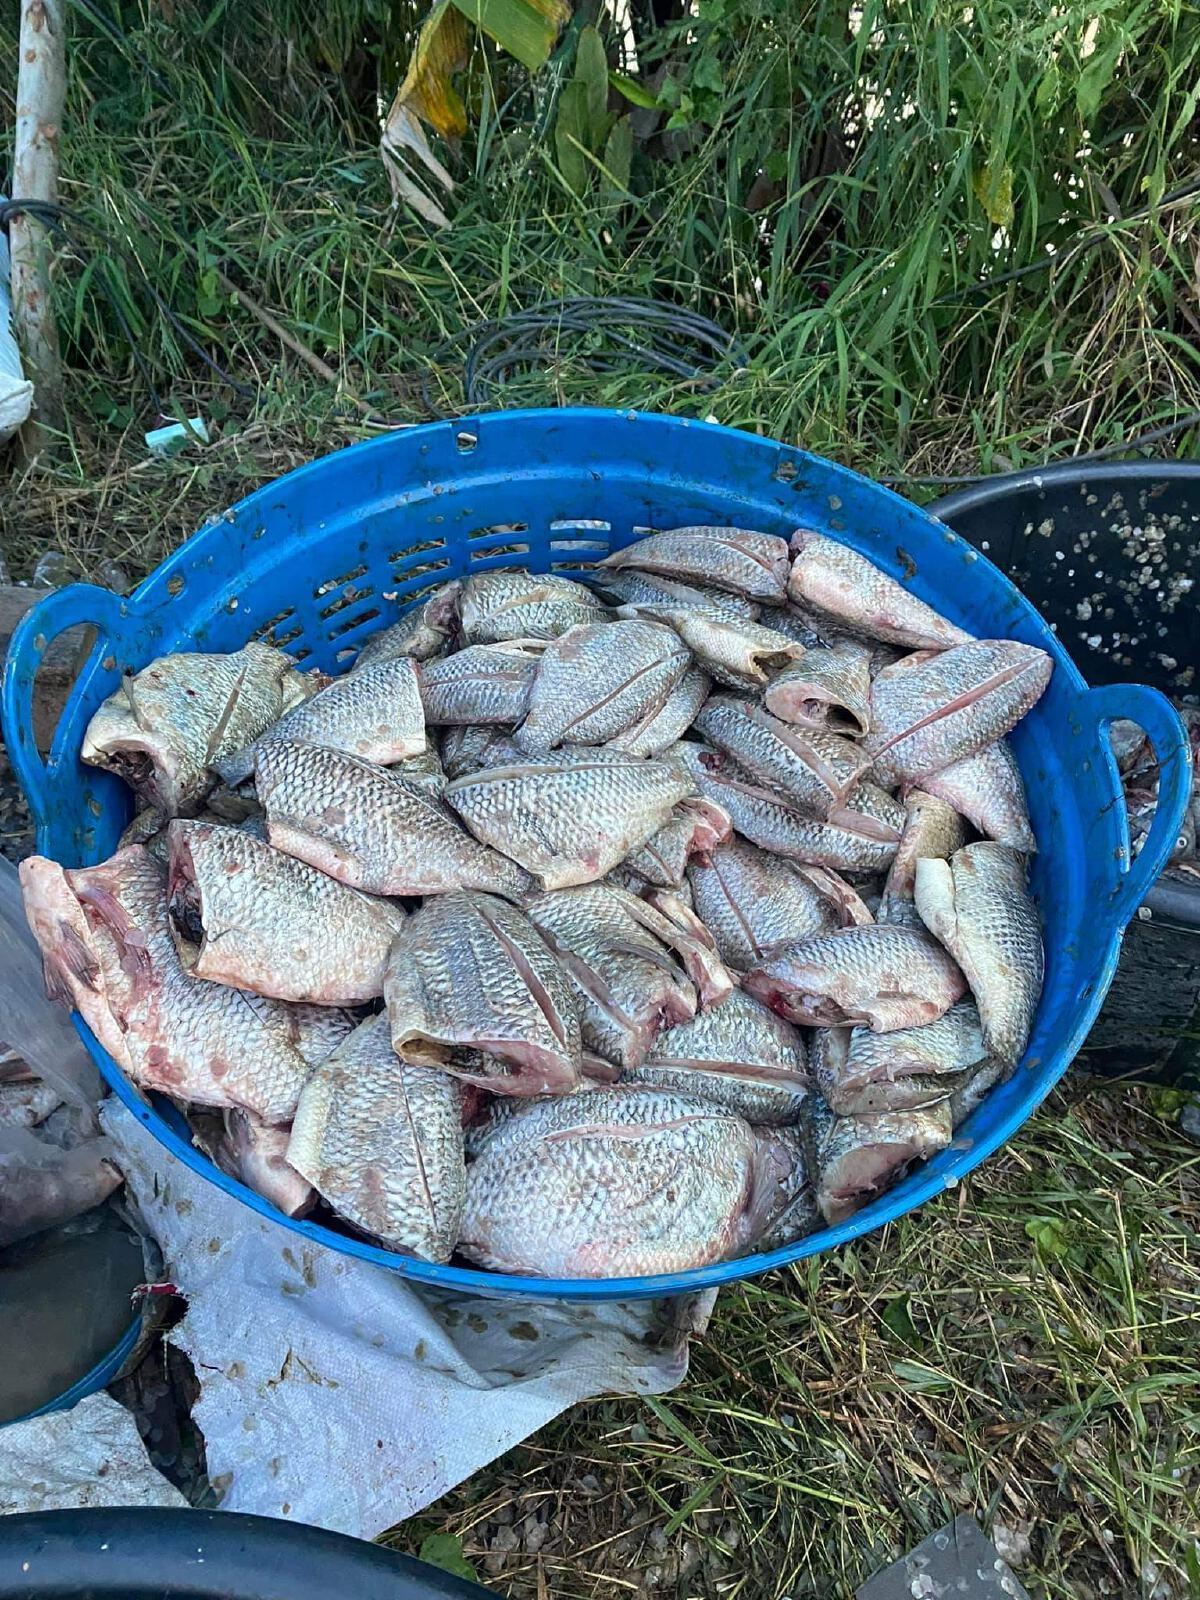 ชาวบ้านพลิกวิฤติ หลังน้ำลดแห่จับปลาขาย หารายได้เสริม